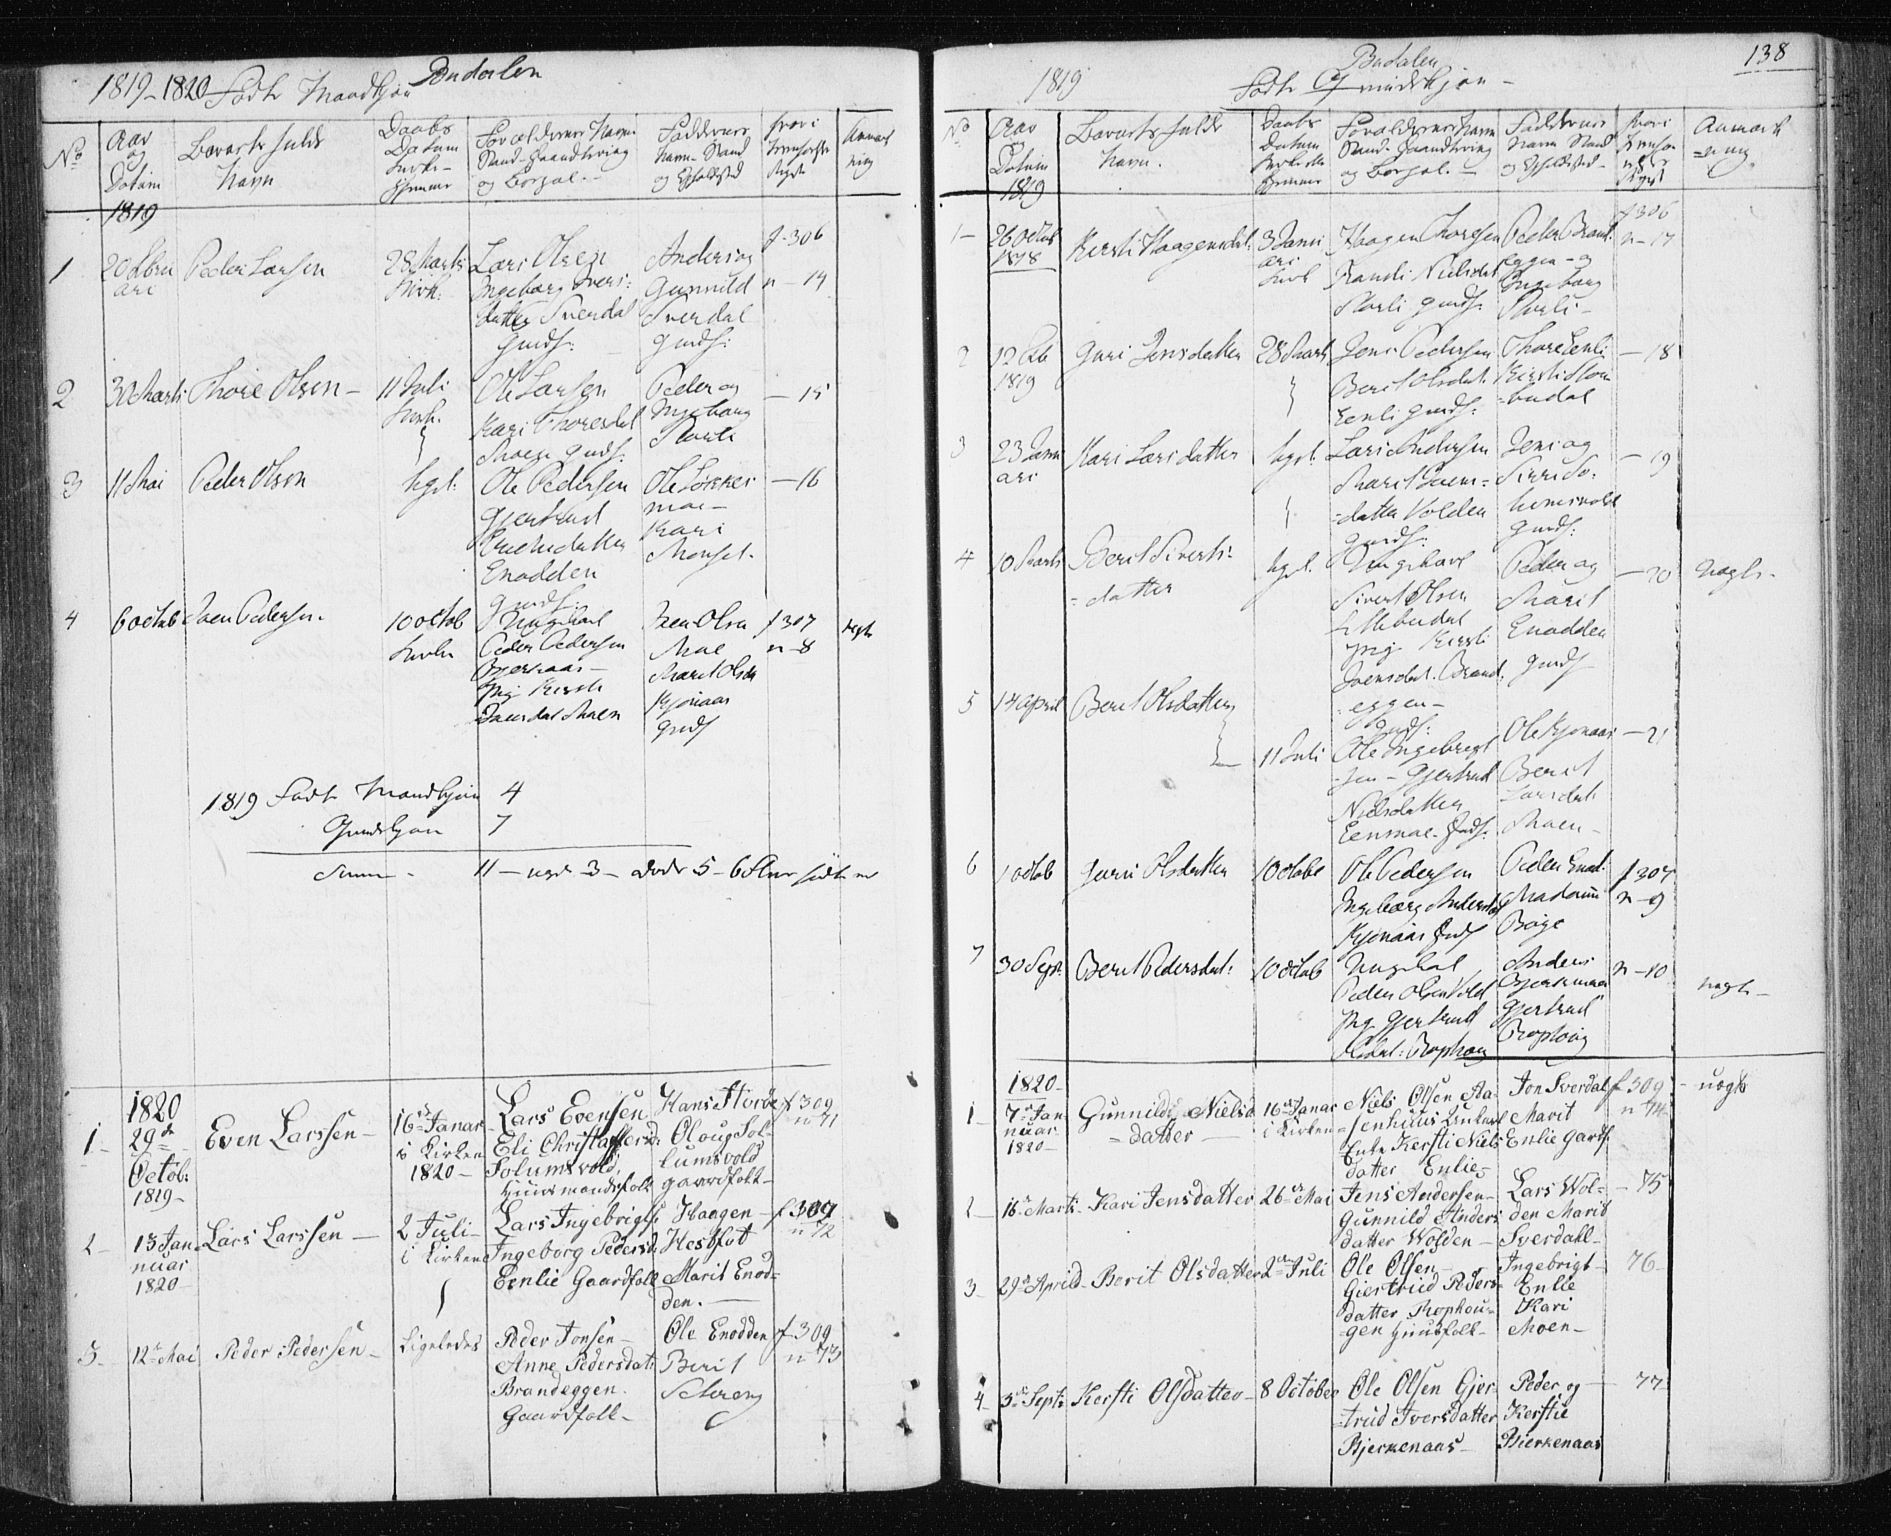 SAT, Ministerialprotokoller, klokkerbøker og fødselsregistre - Sør-Trøndelag, 687/L1017: Klokkerbok nr. 687C01, 1816-1837, s. 138